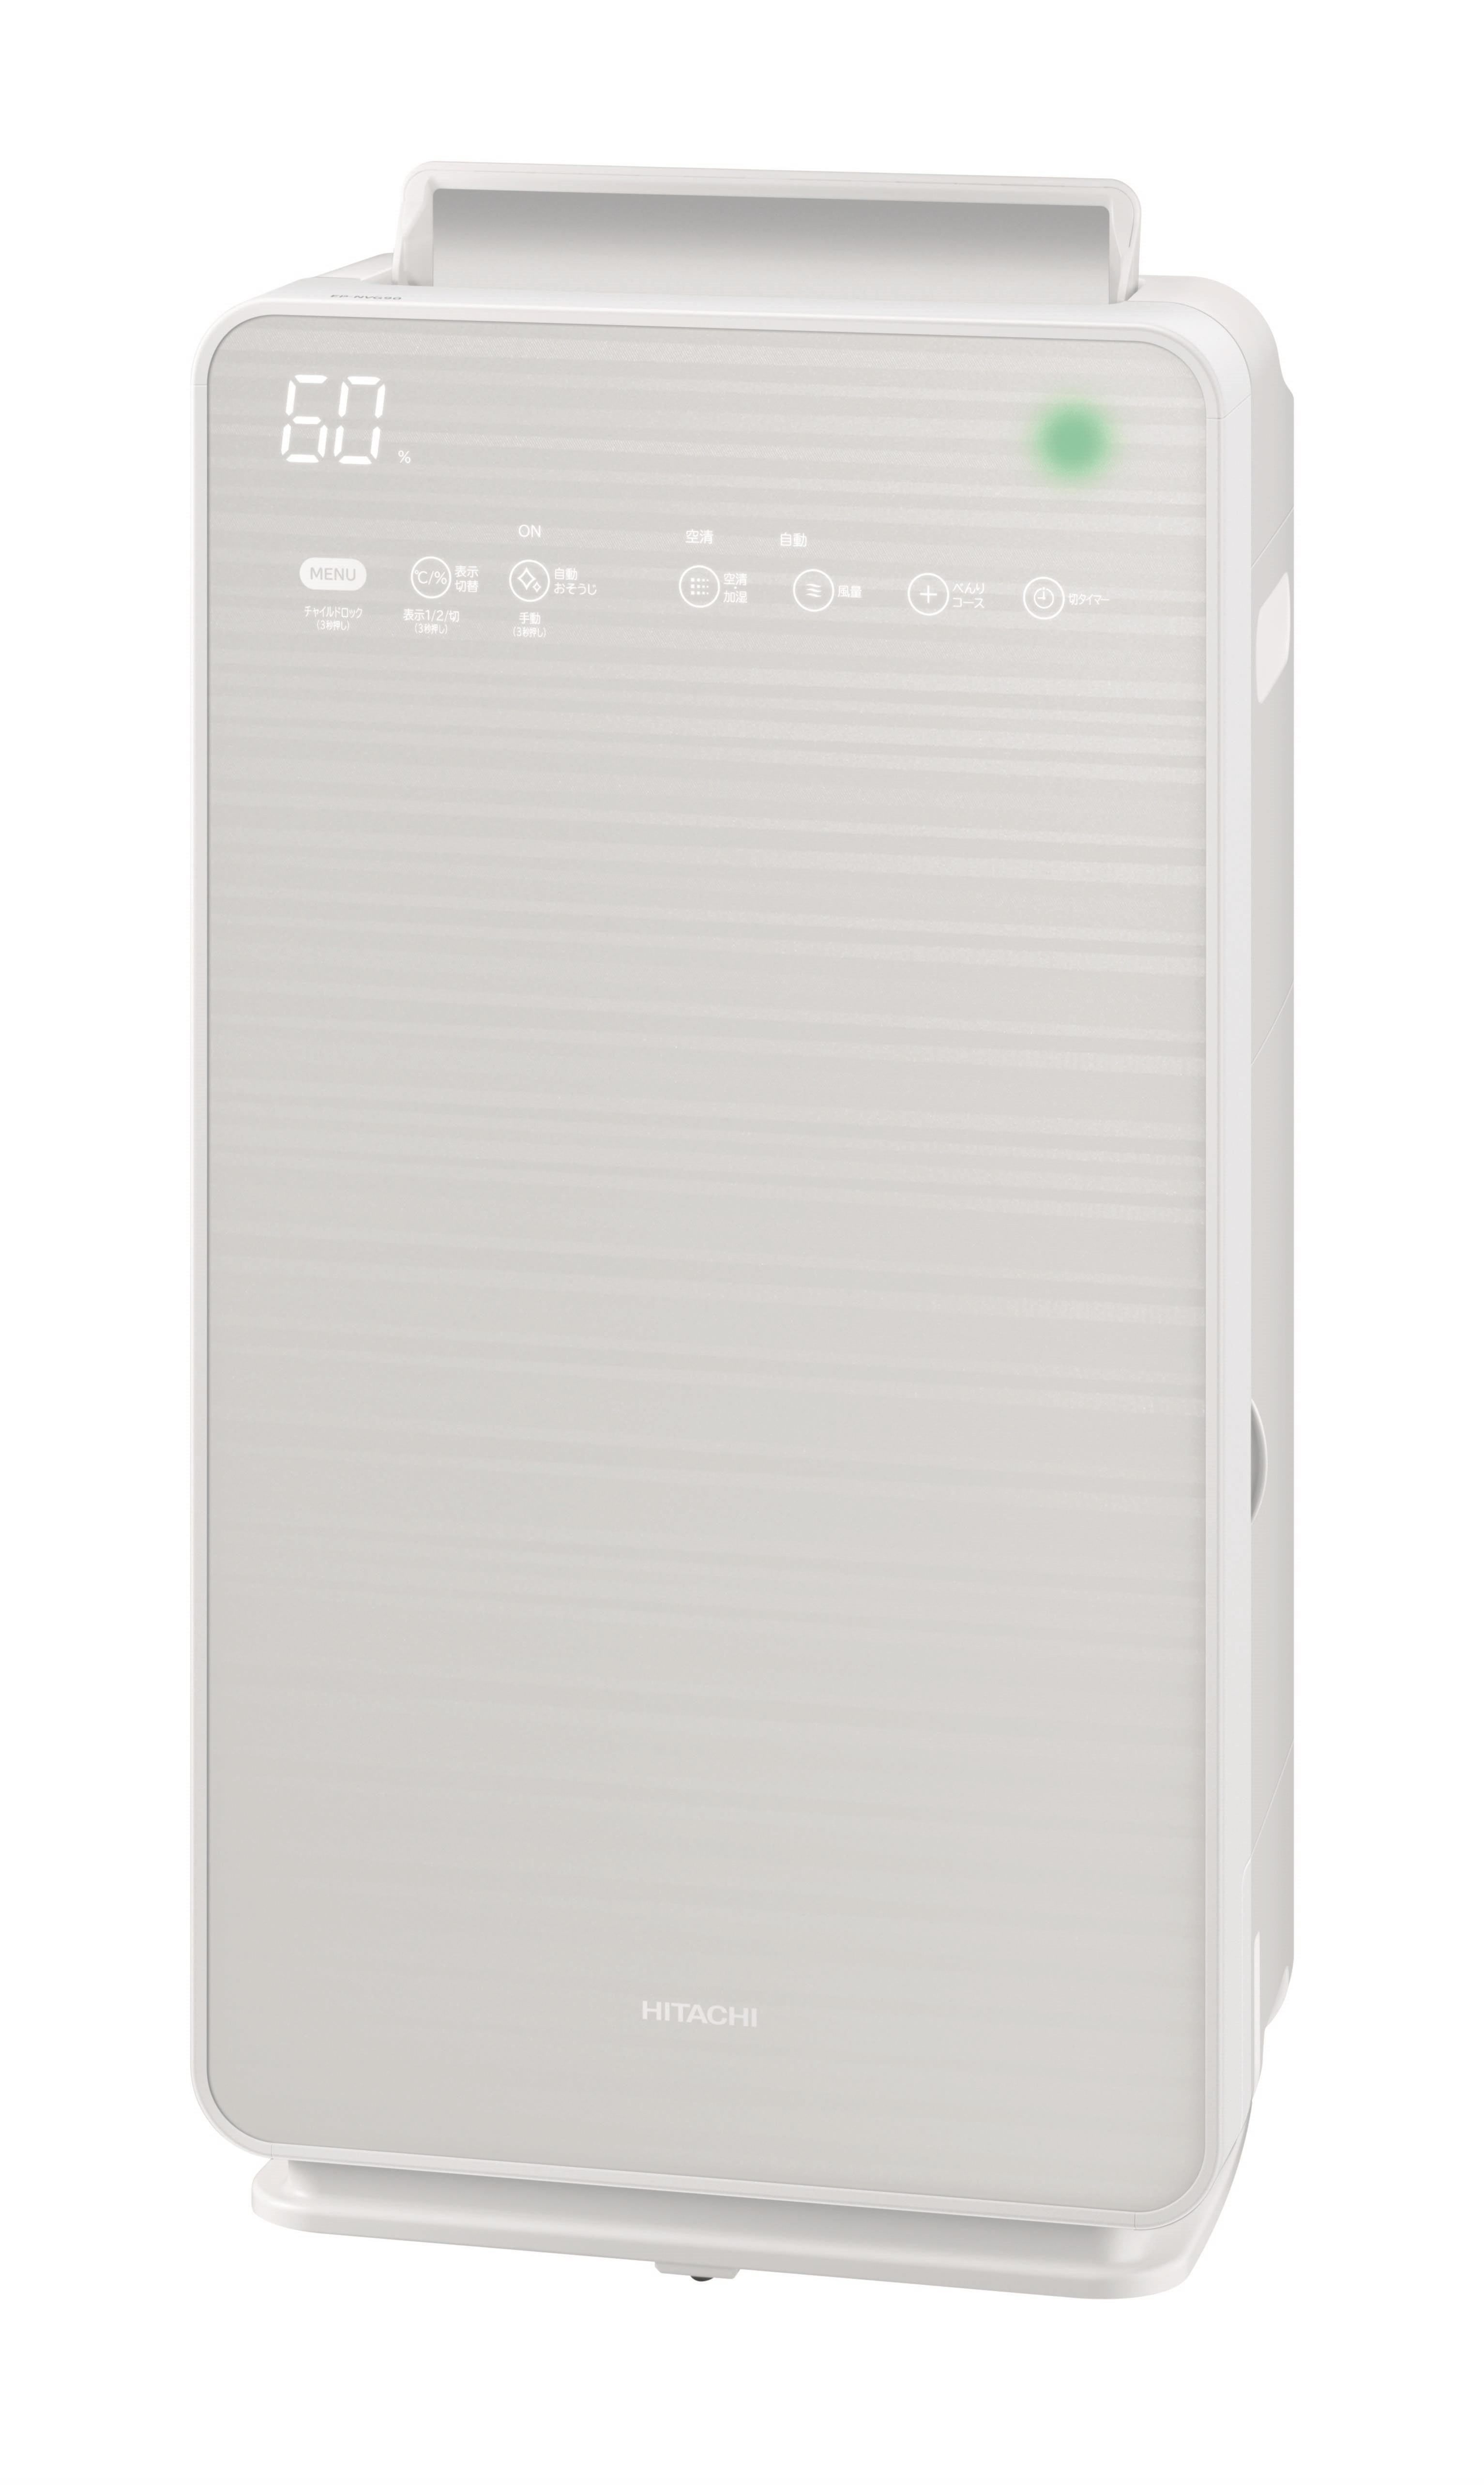 【日立】加湿・空気清浄機 約幅36×奥27.8×高さ66.9cm パールホワイト